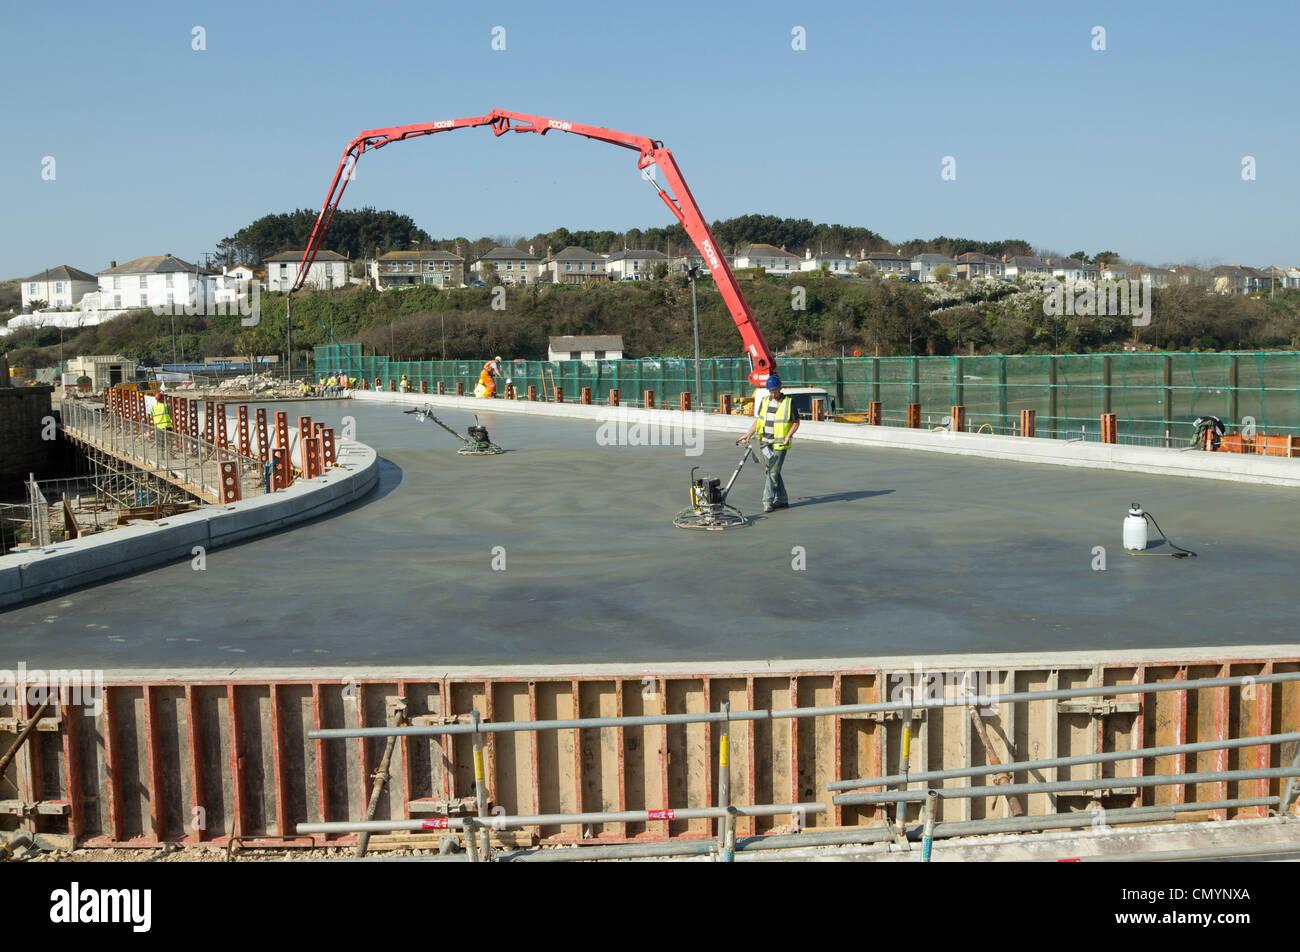 La levigatura del calcestruzzo durante il calcestruzzo versare per la piattaforma del nuovo ponte sul Pool Copperhouse in Hayle, Cornwall Regno Unito. Foto Stock